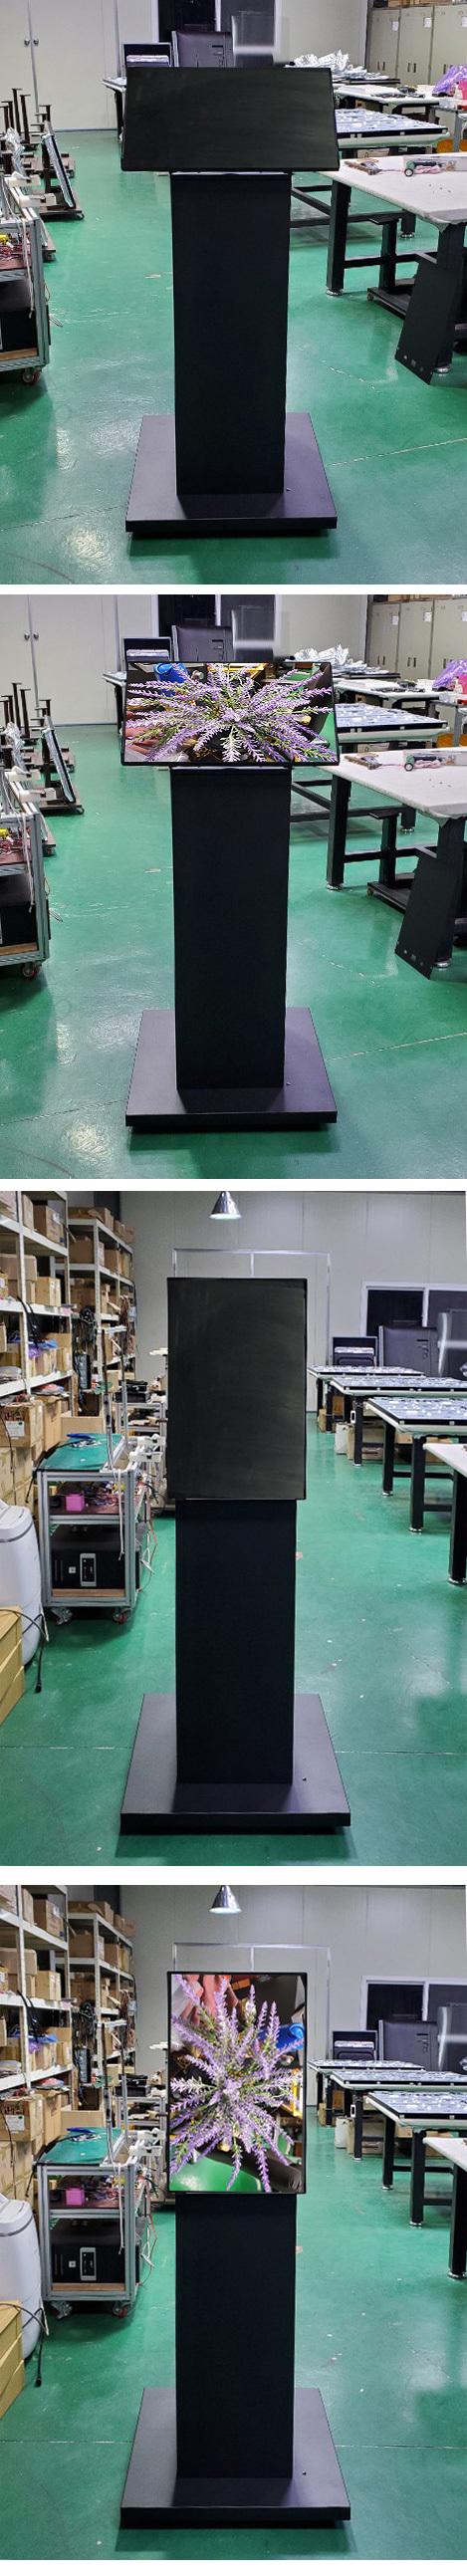 kiosk_stand_case1.jpg